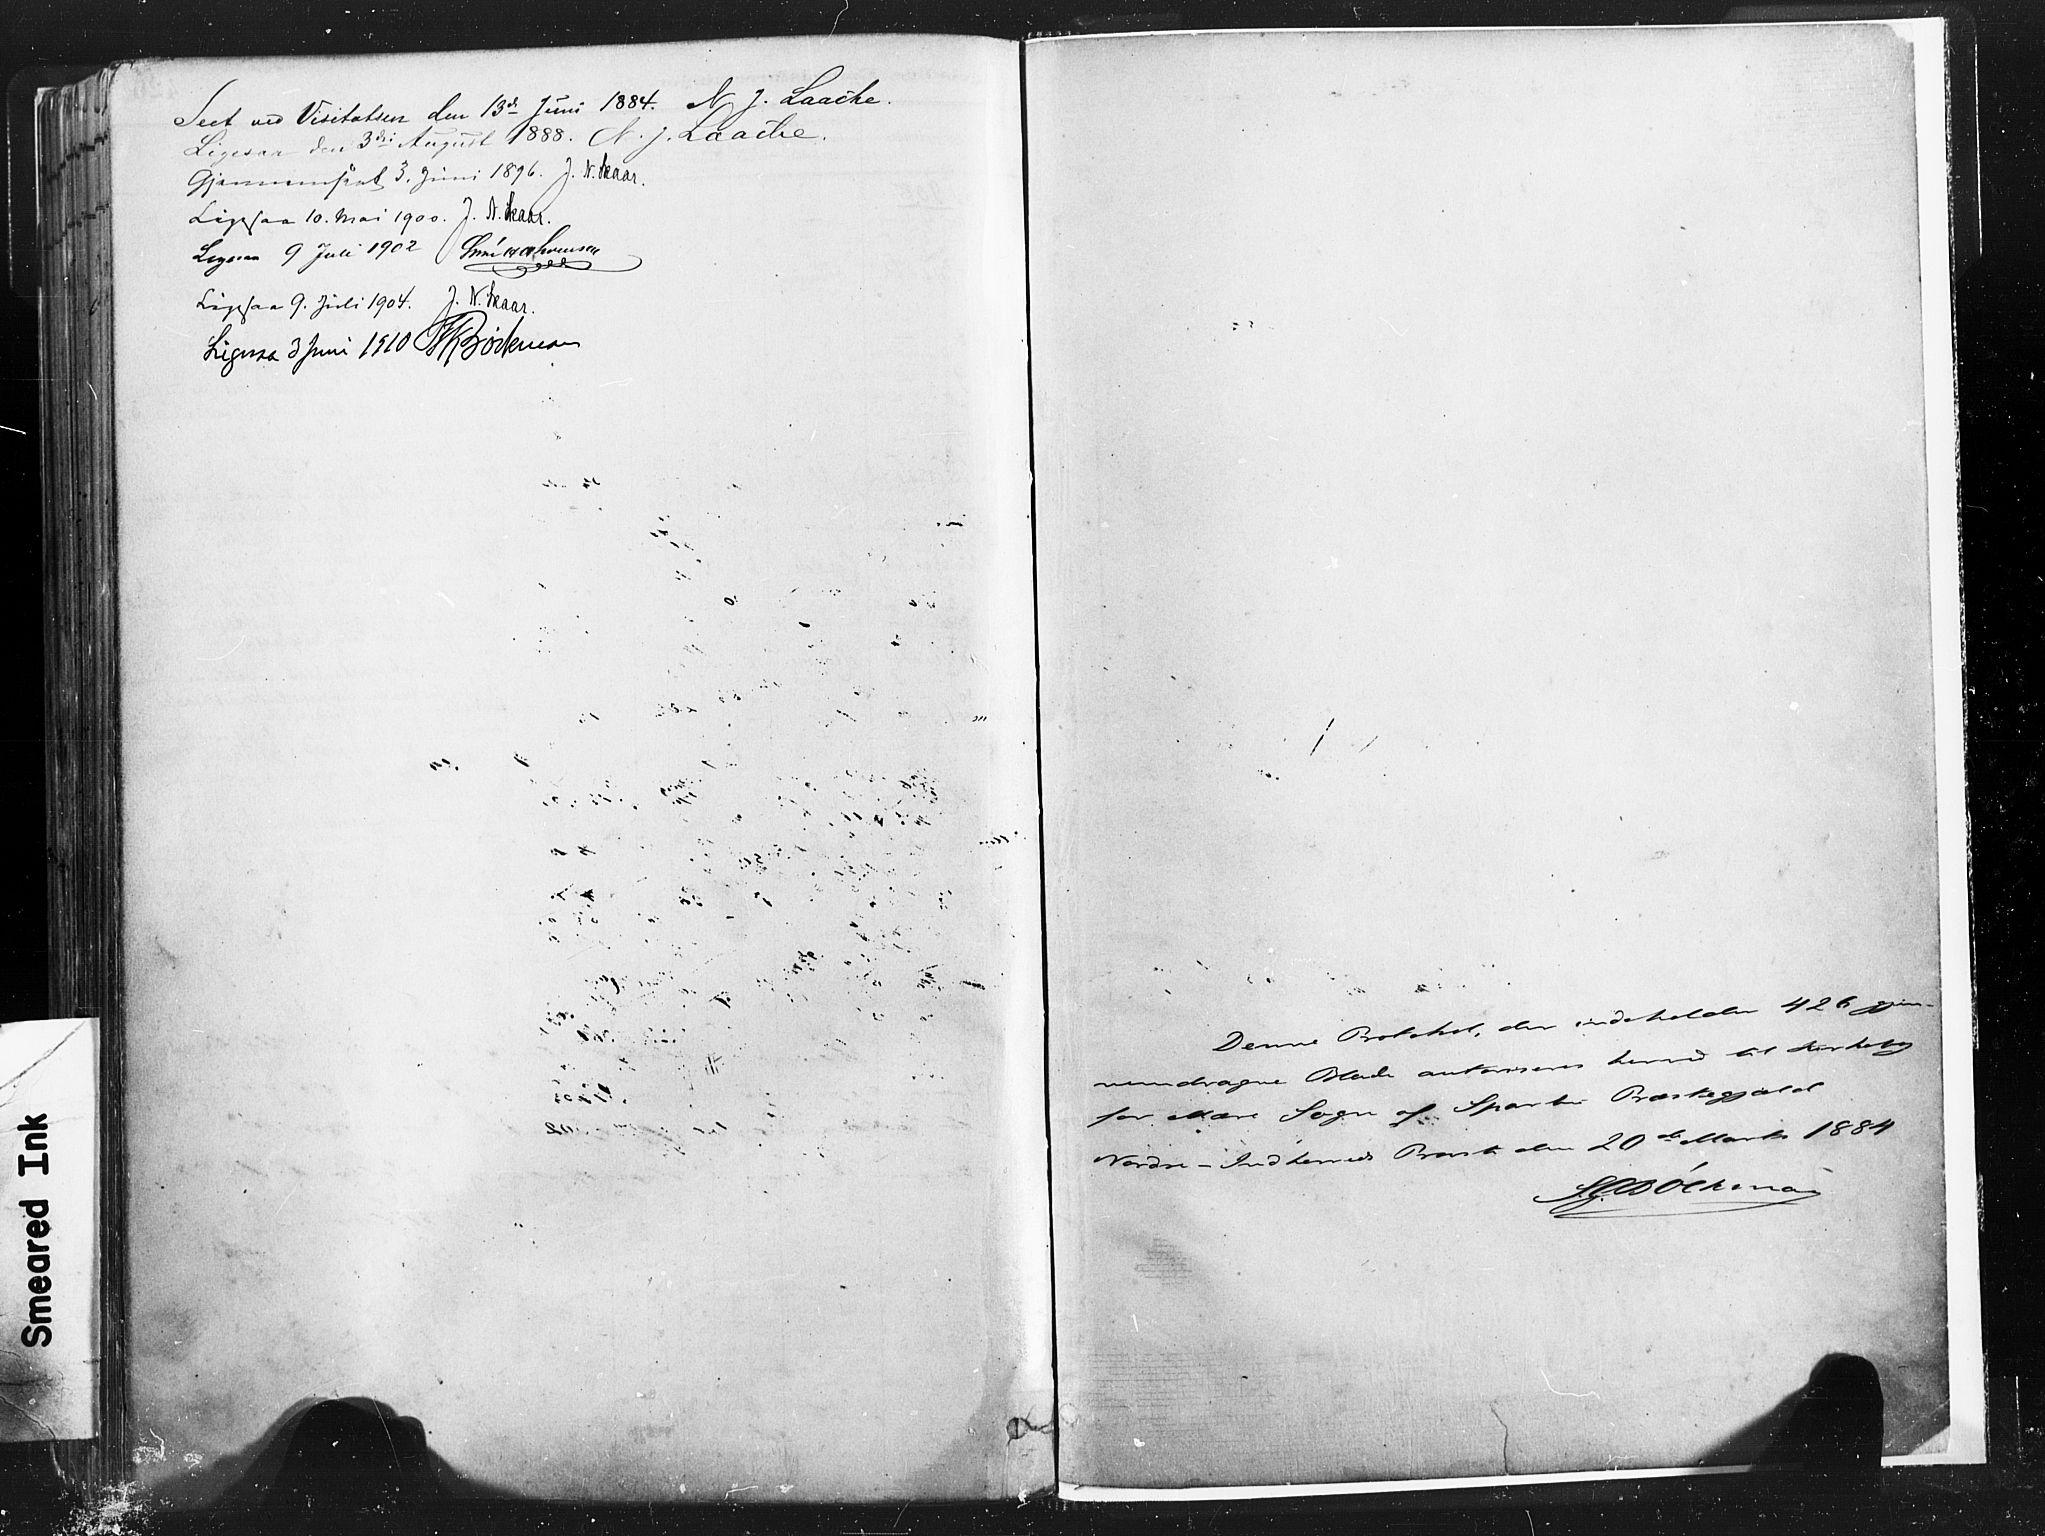 SAT, Ministerialprotokoller, klokkerbøker og fødselsregistre - Nord-Trøndelag, 735/L0351: Ministerialbok nr. 735A10, 1884-1908